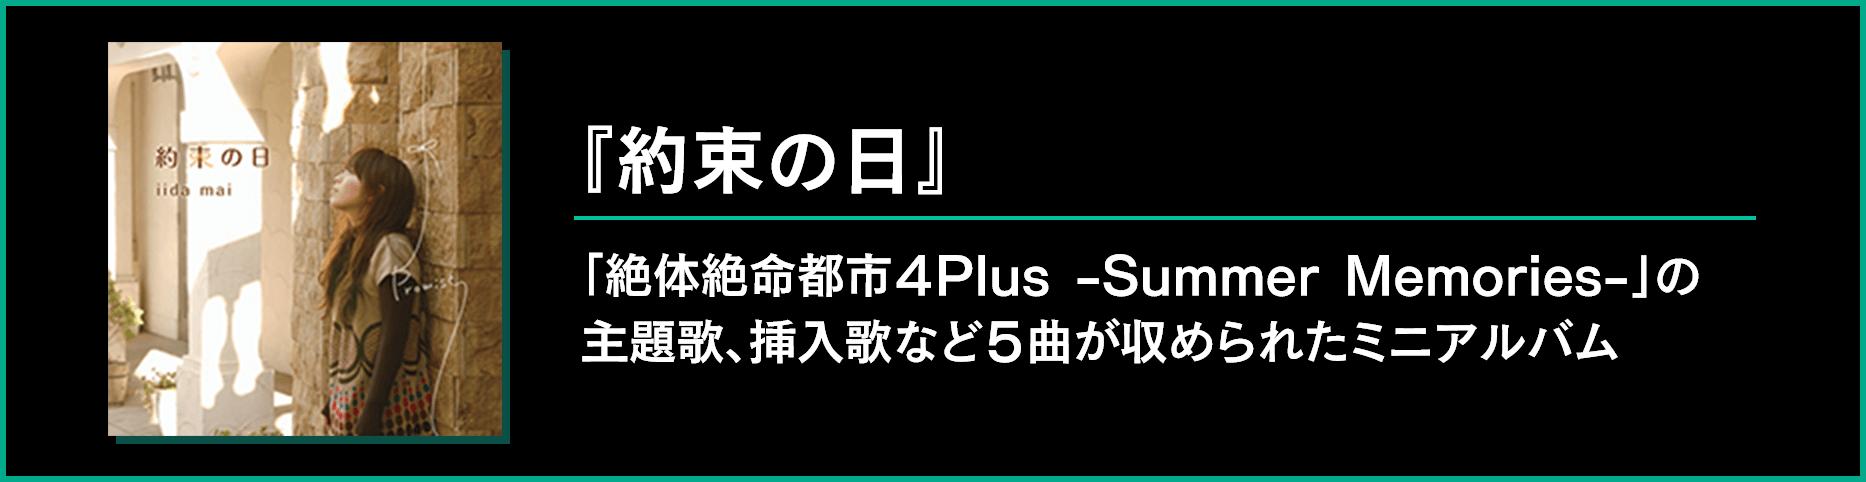 『約束の日』:「絶体絶命都市4Plus -Summer Memories-」の主題歌、挿入歌など5曲が収められたミニアルバム